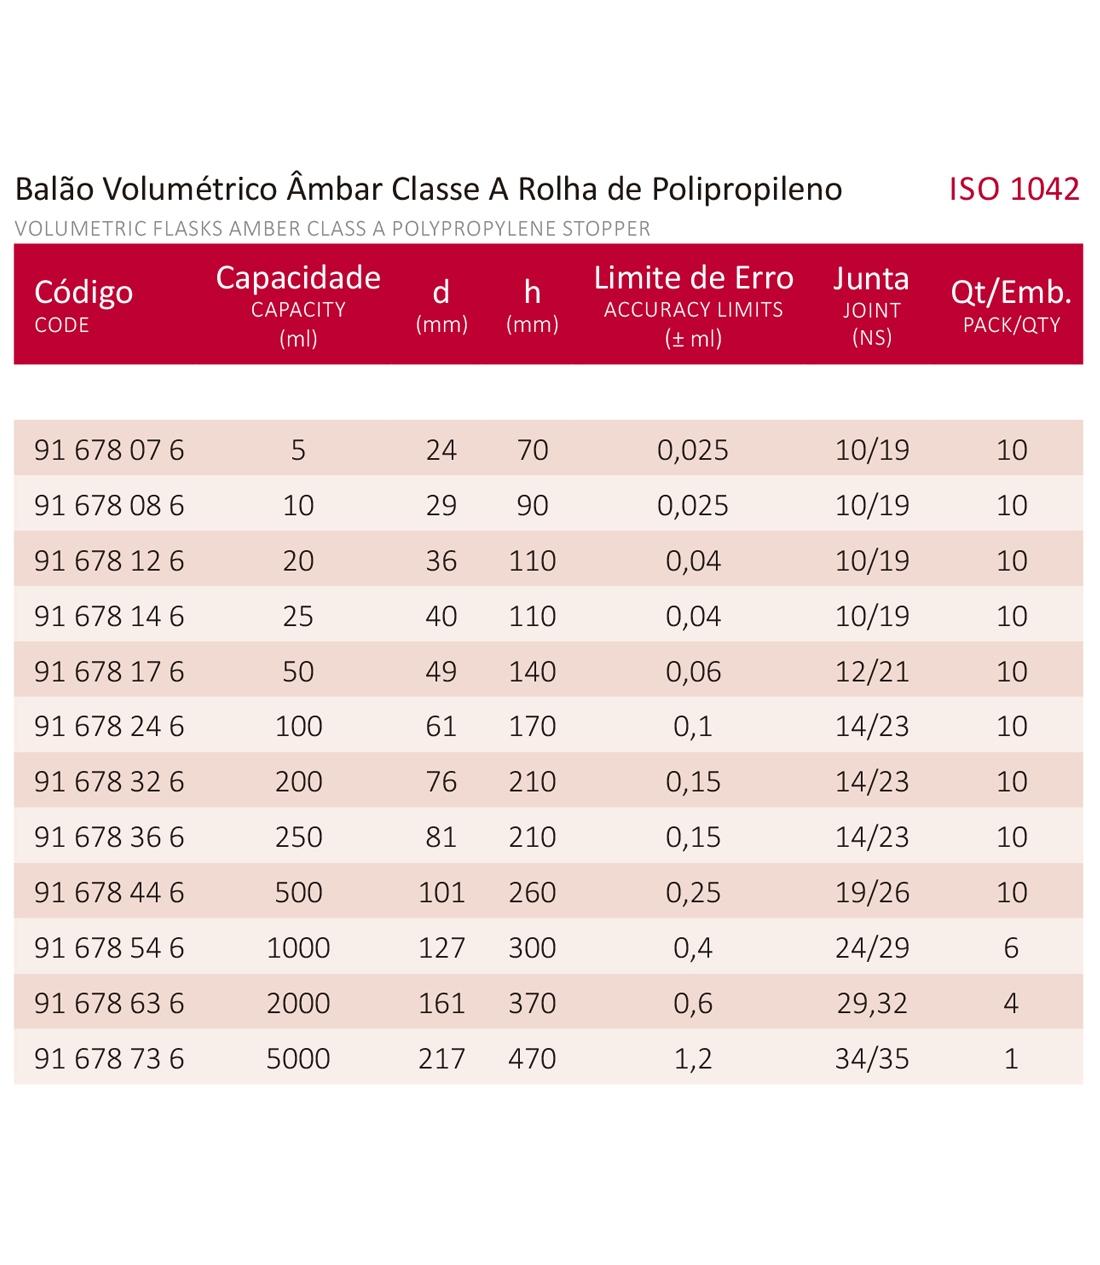 BALÃO VOLUMÉTRICO CLASSE A ROLHA POLI ÂMBAR C/ CERTIFICADO RASTREÁVEL 20 ML - Marca Laborglas - Cód. 91678126-C